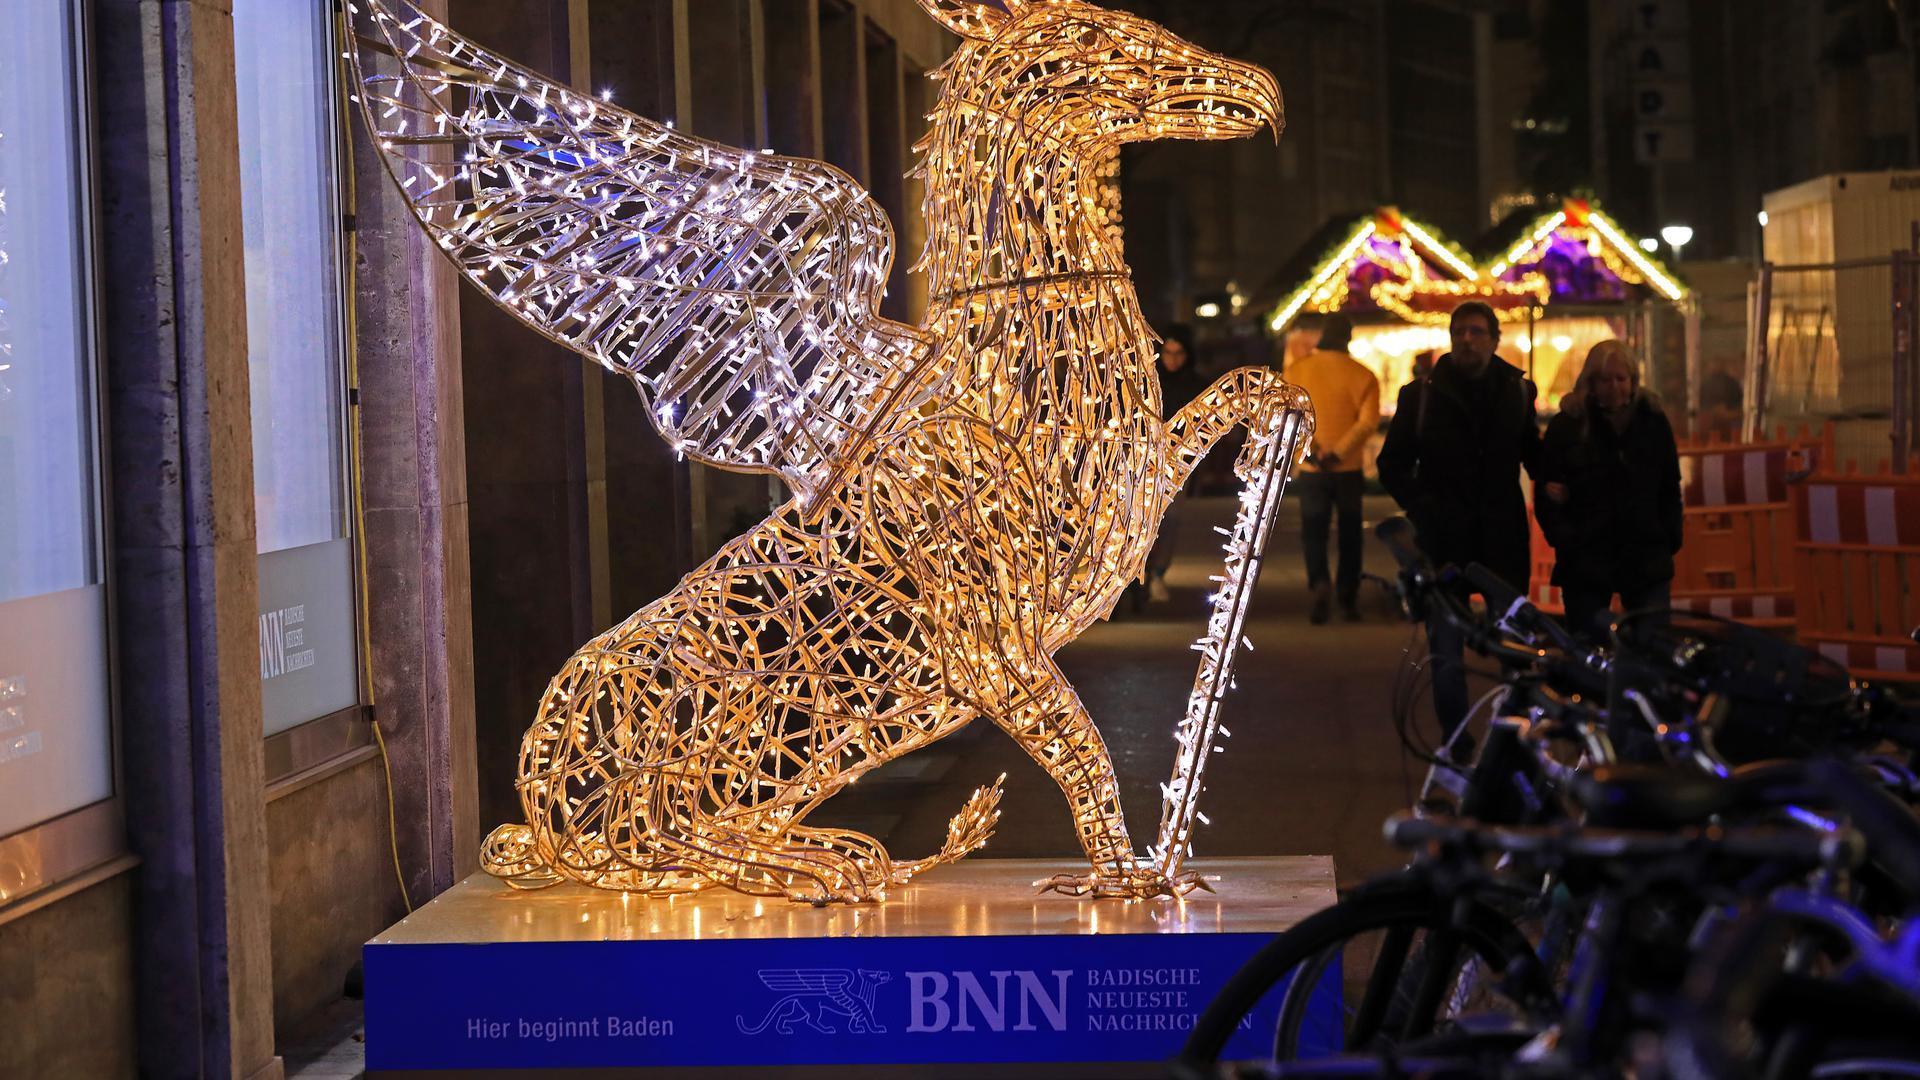 Beliebtes Fotomotiv: Vor der BNN-Lokalredaktion in der Lammstraße leuchtet der Greif.